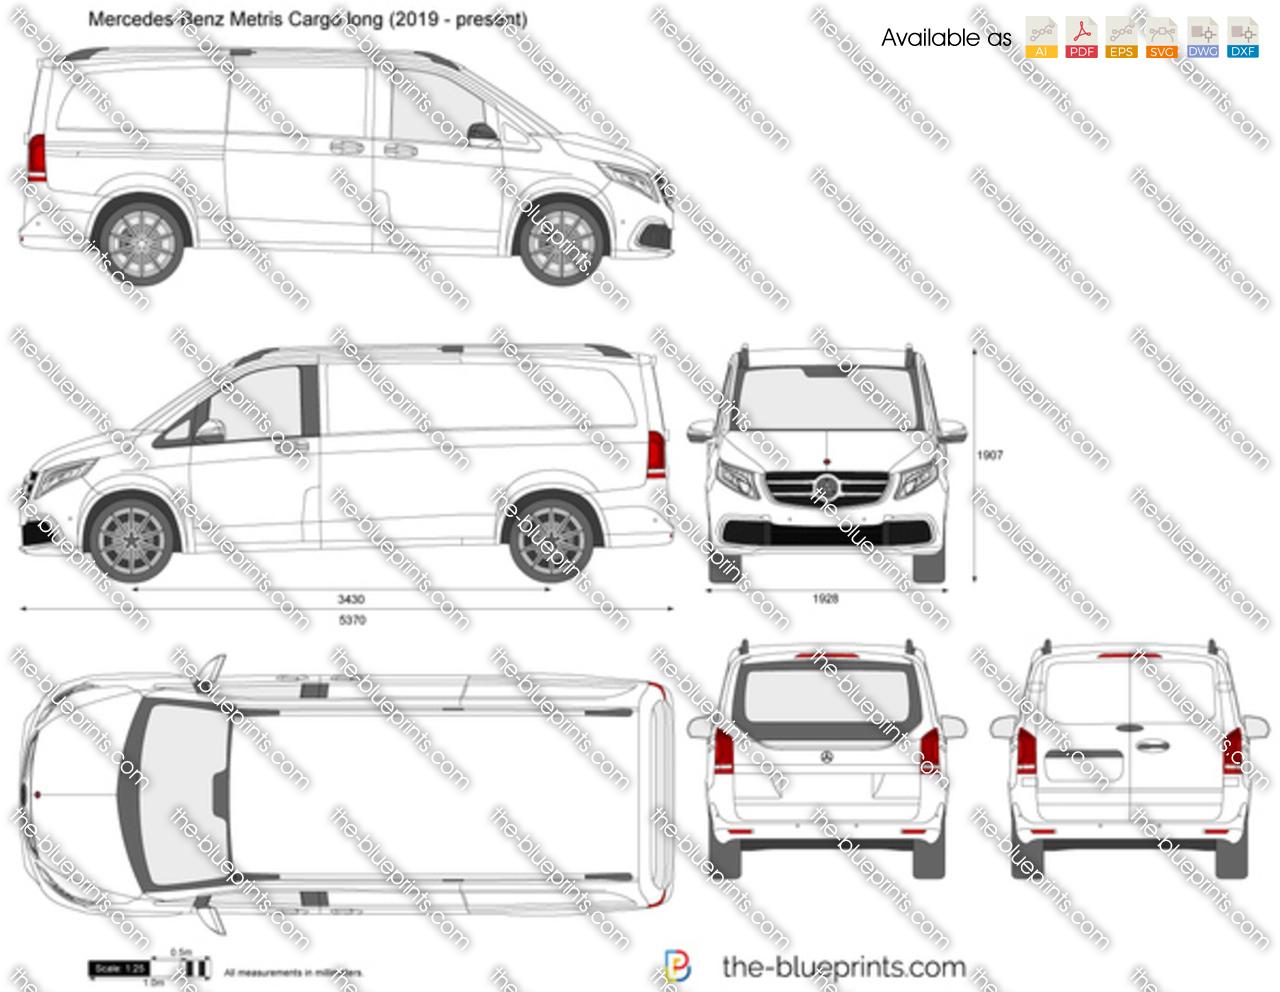 Mercedes-Benz Metris Cargo long